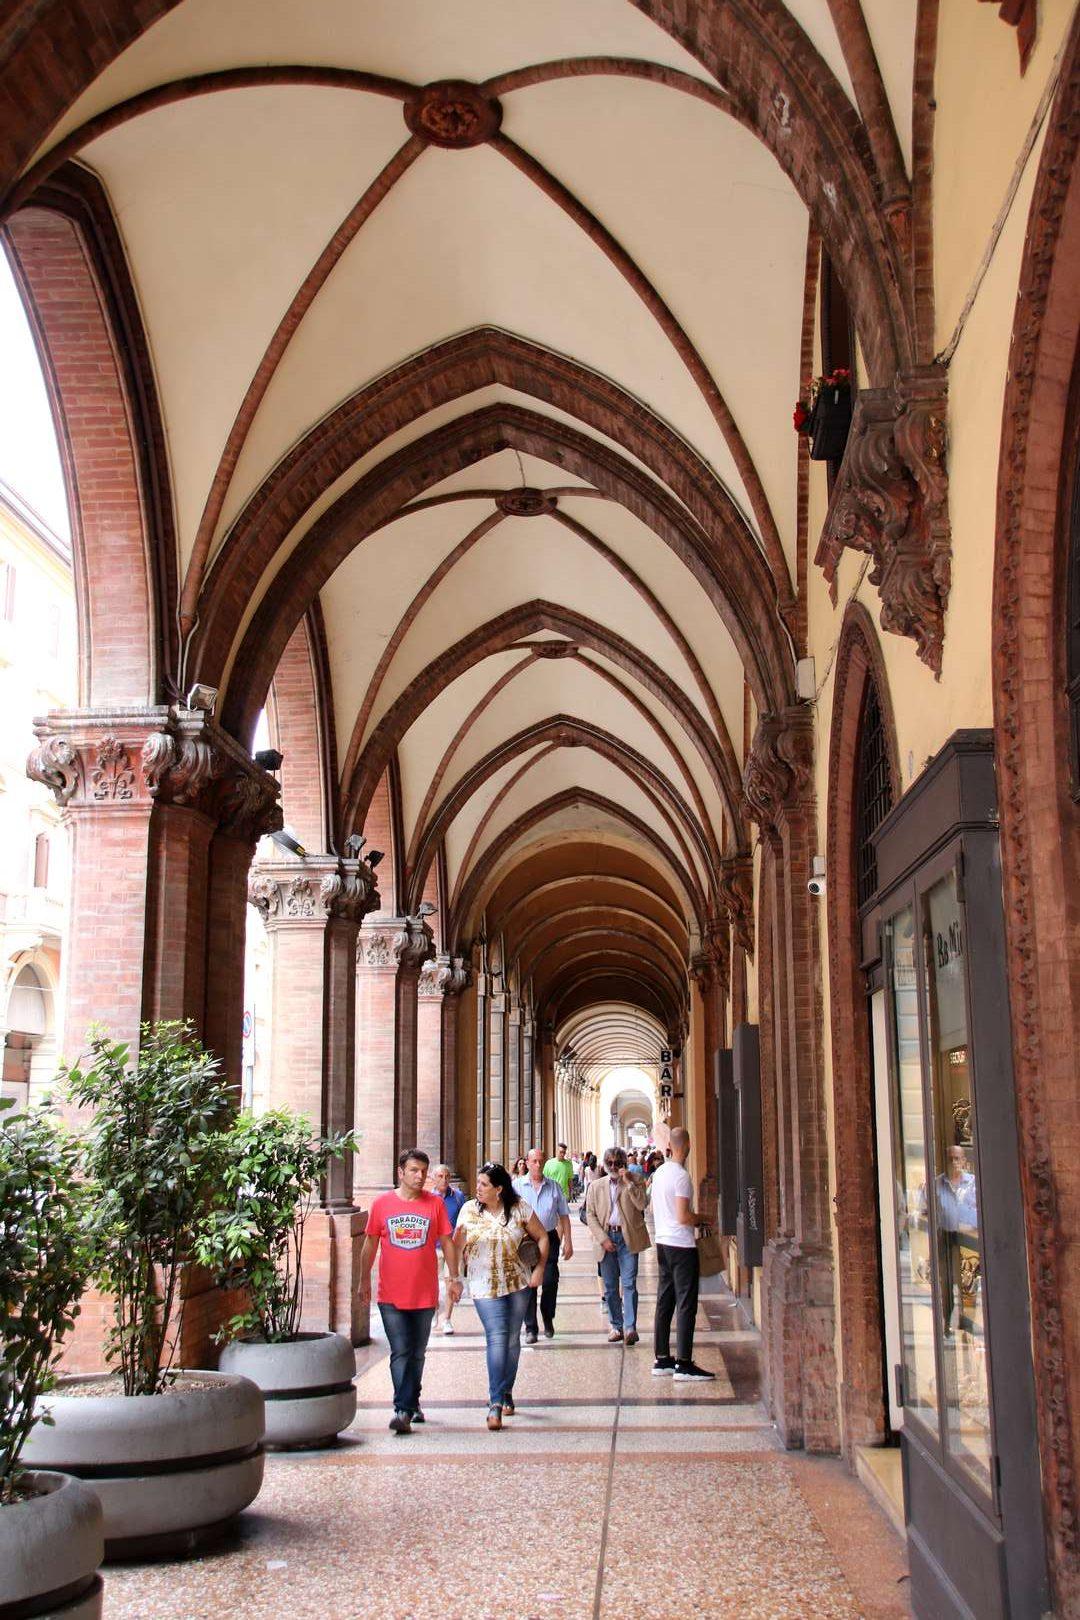 Italie - Ruelle à arcades du quartier étudiant de Bologne